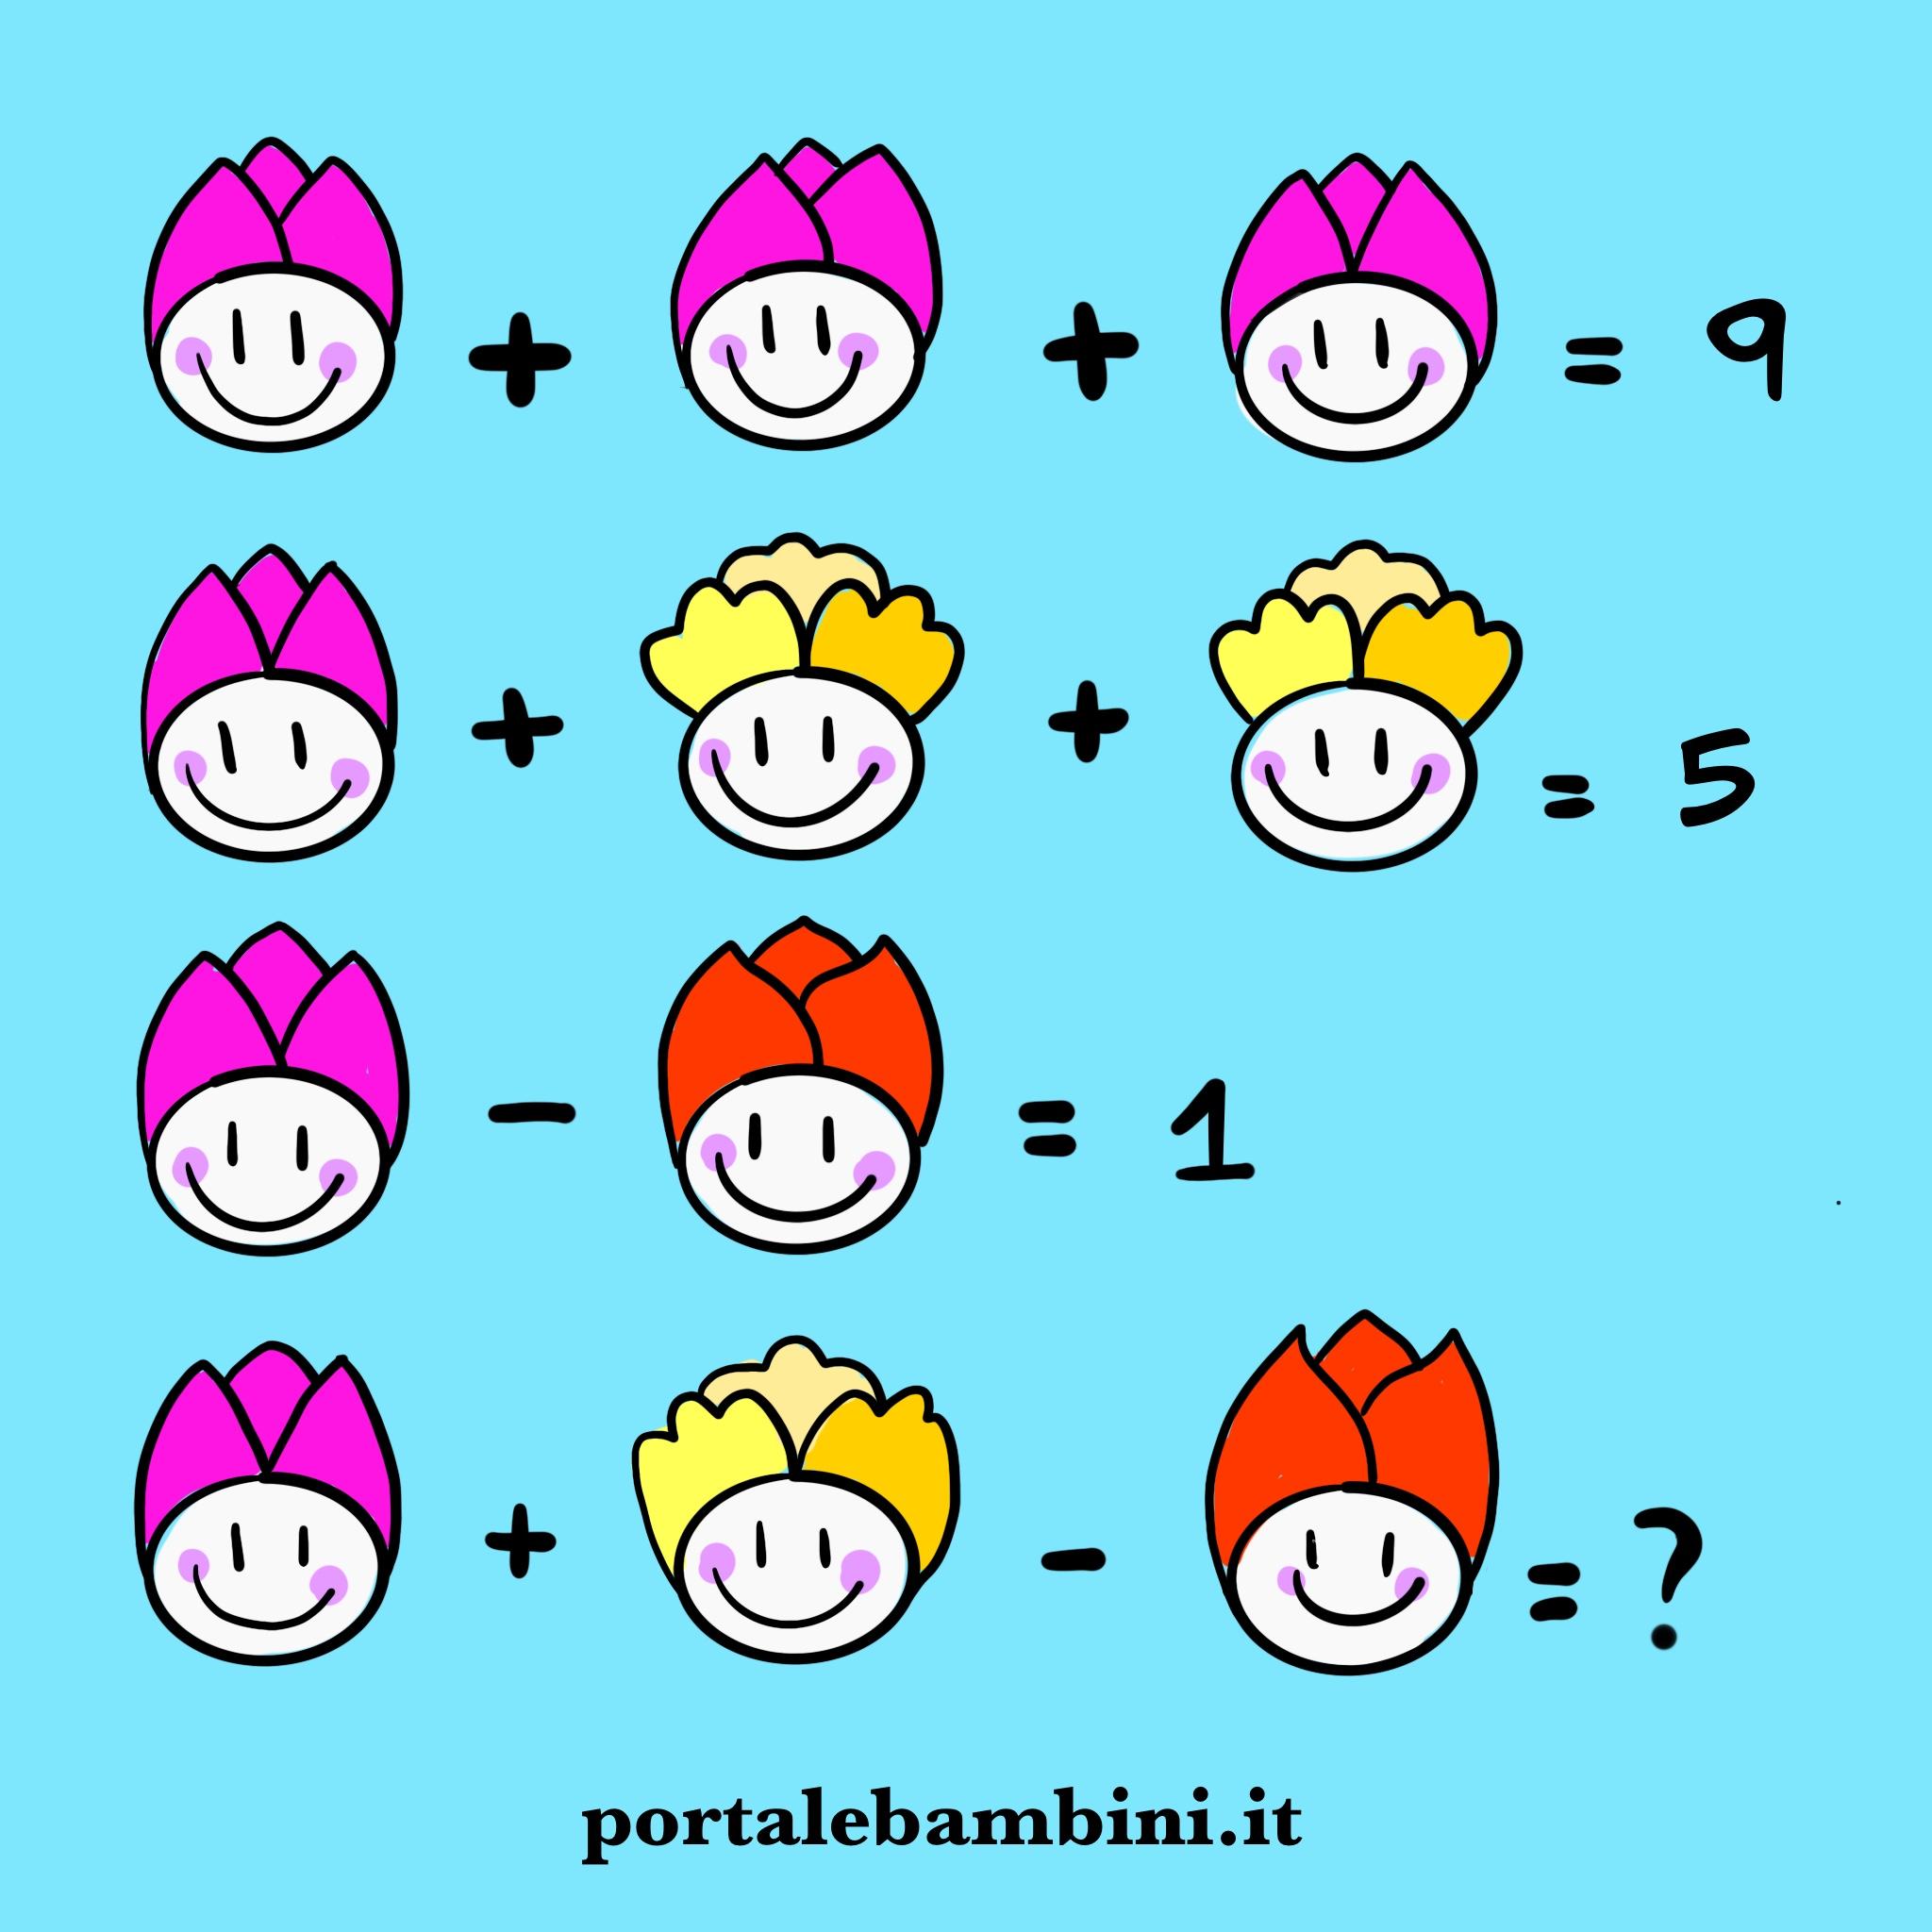 giochi e indovinelli matematici per bambini